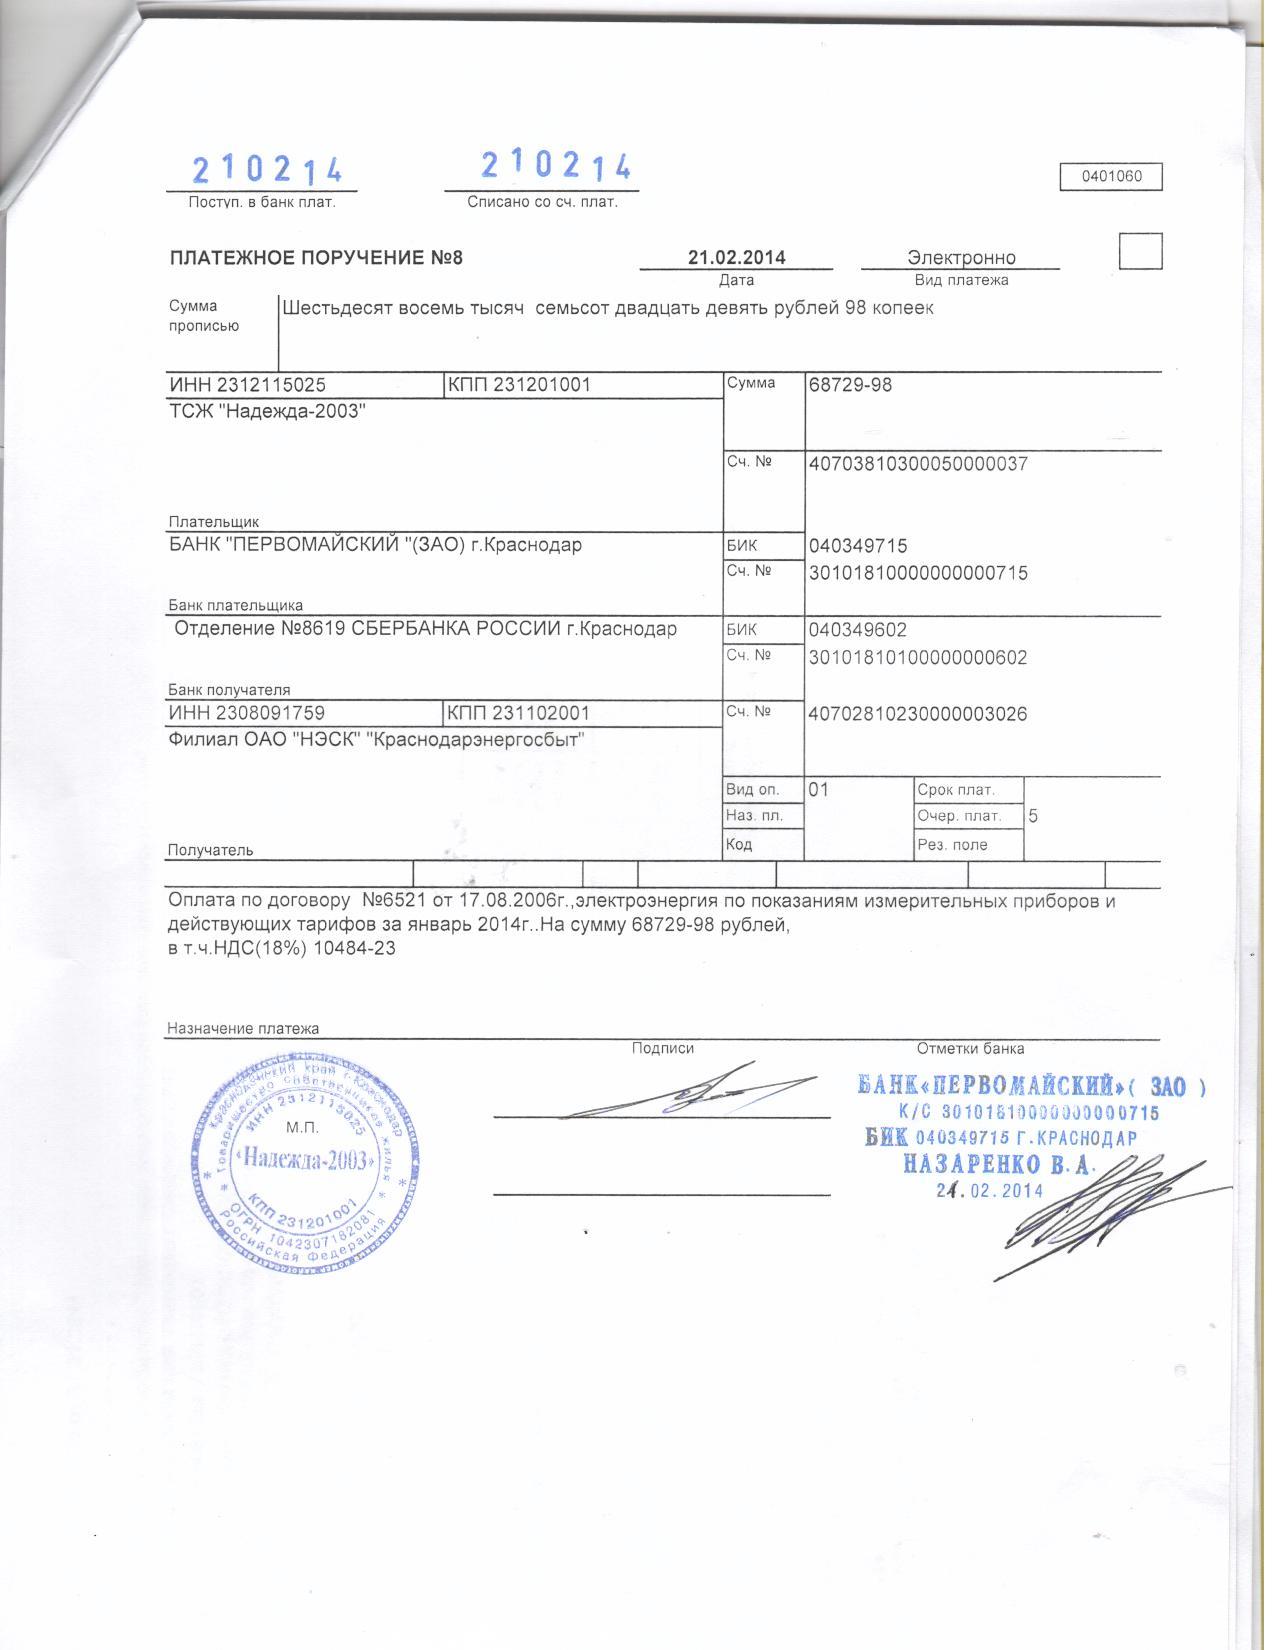 платёжное поручение образец с 01.01.2014